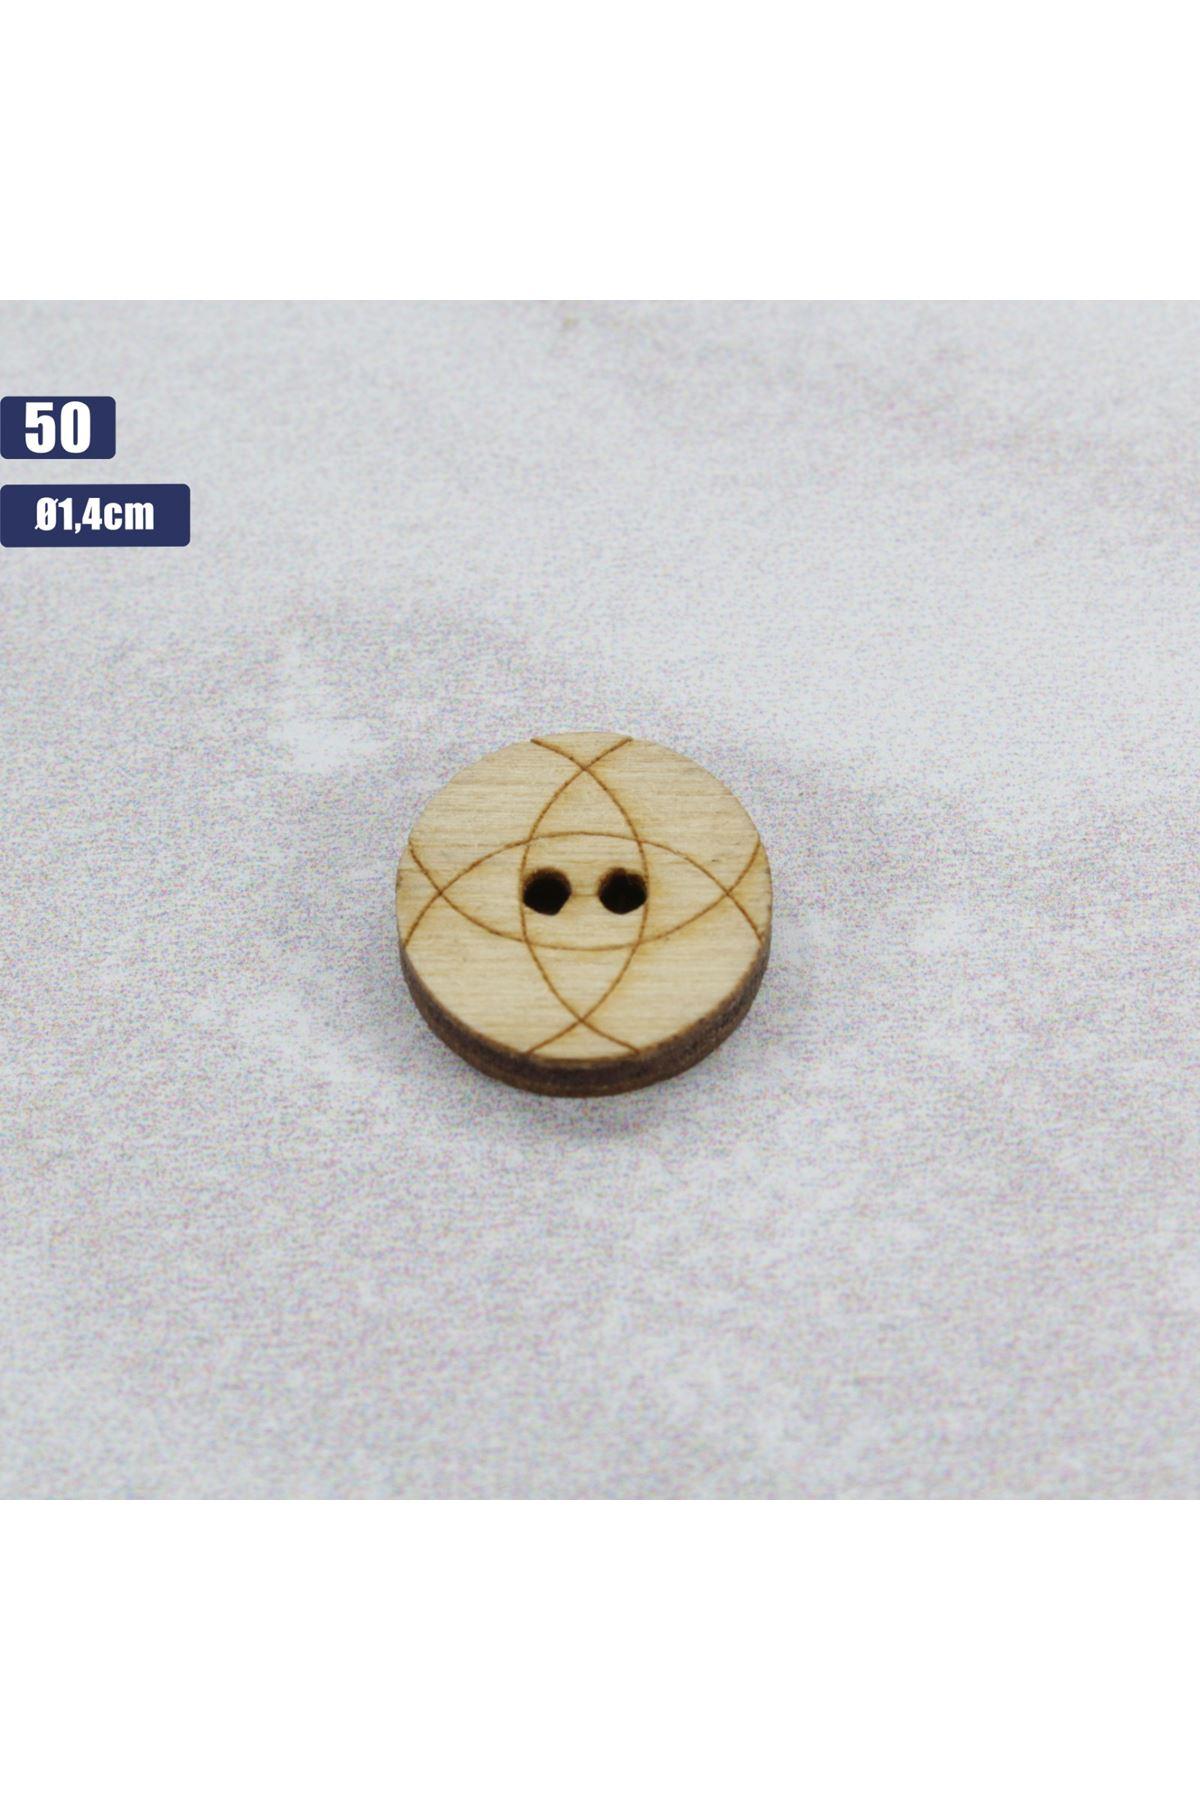 Düğme 1 Adet - 50